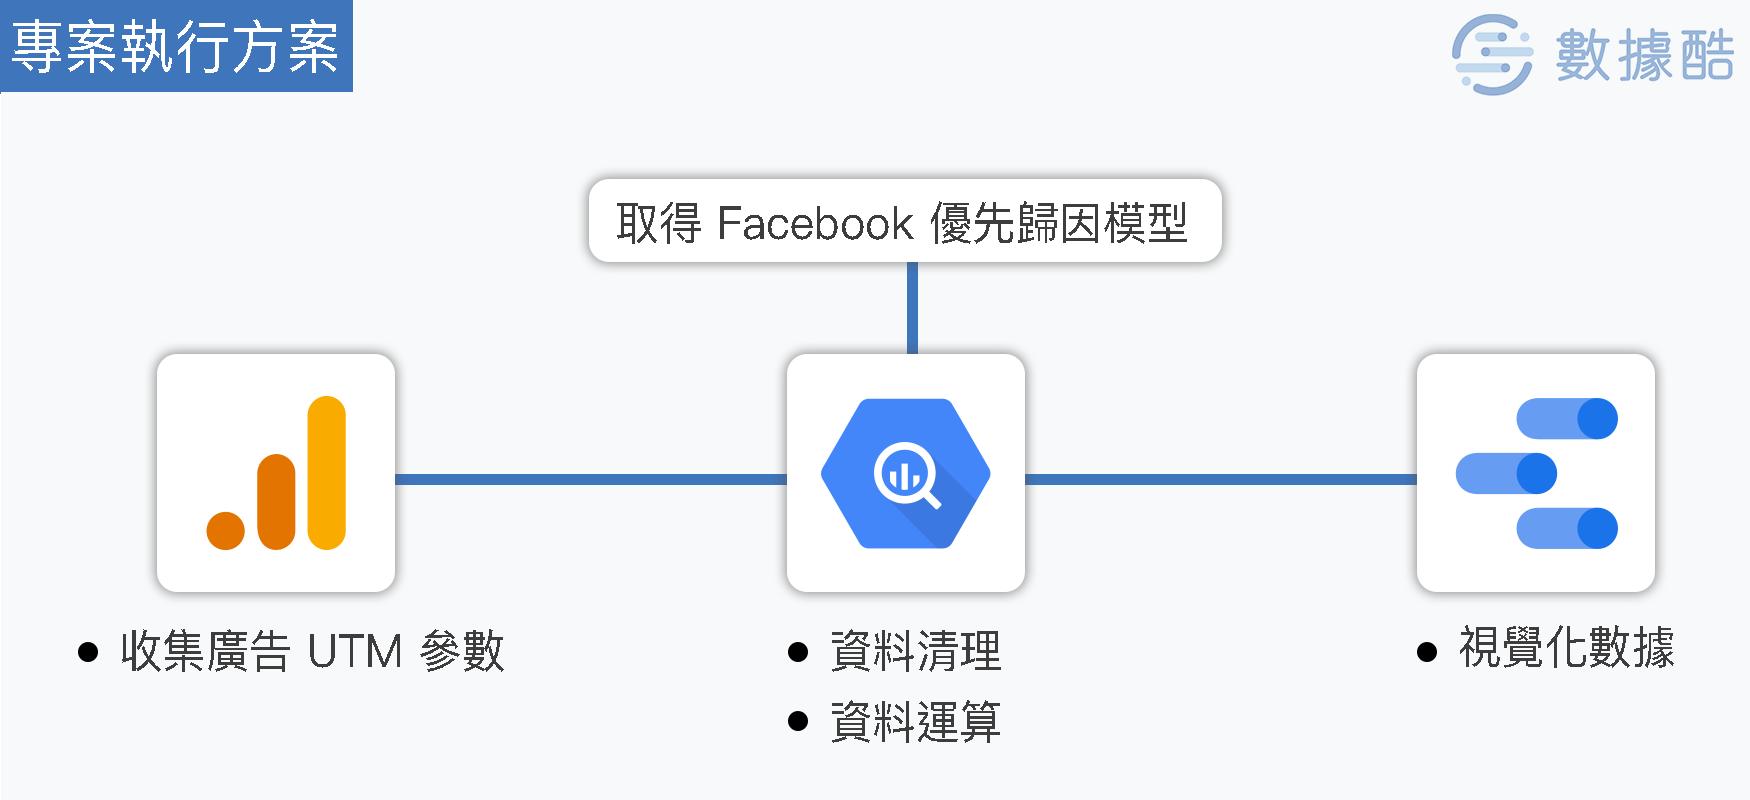 facebook_attribution_model